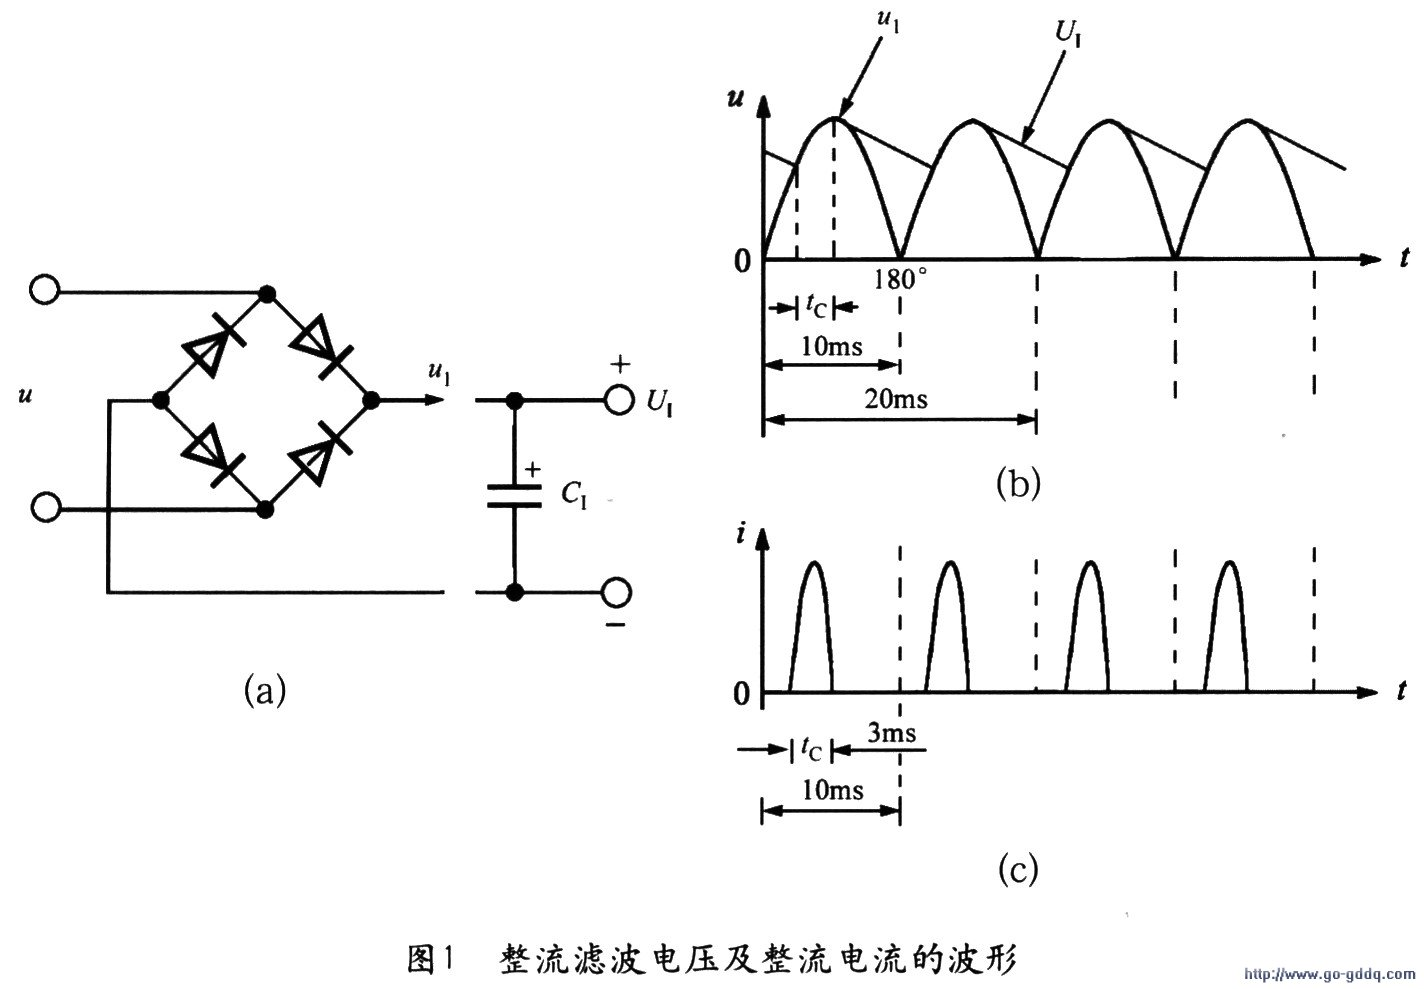 桥式半波整流电路_三相半波整流-二极管半波整流波形图,三相整流二极管,二级管半 ...